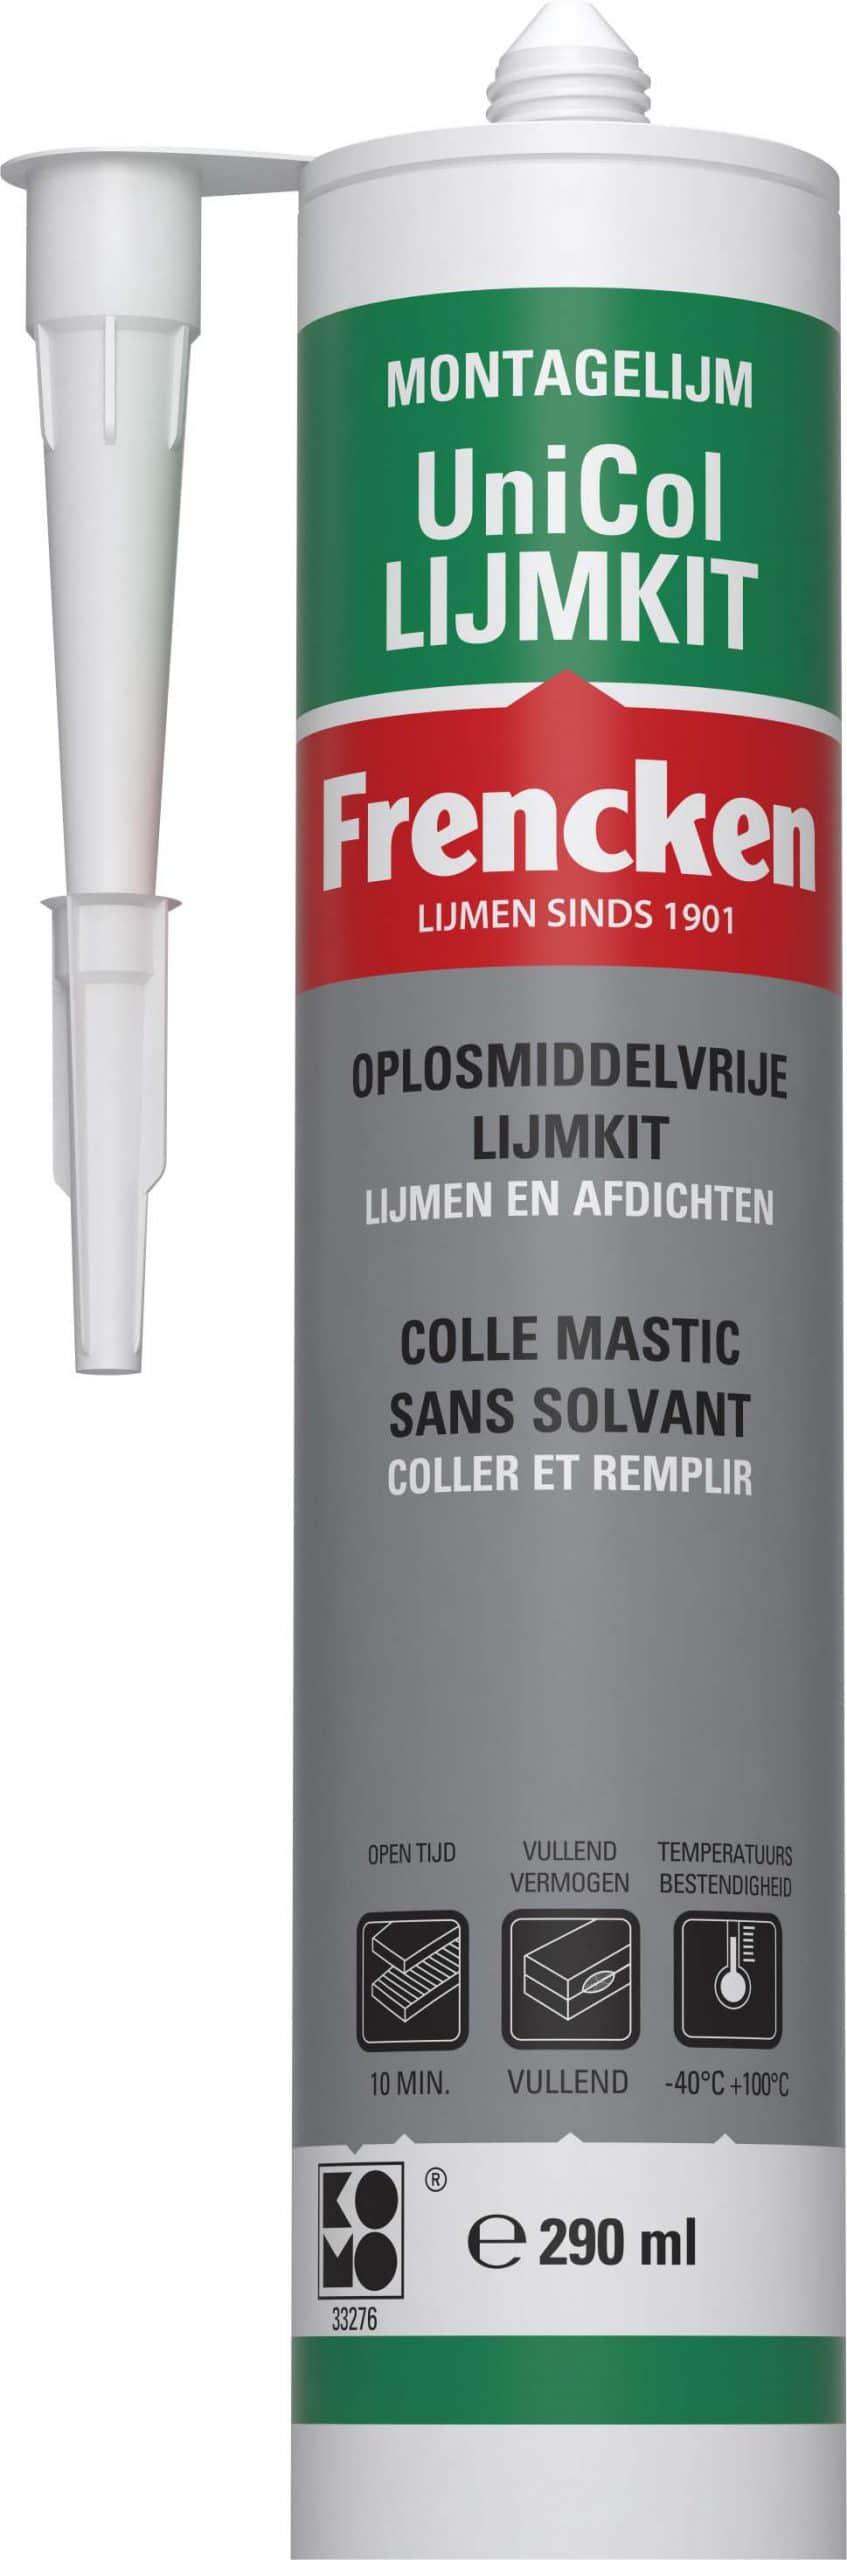 witte lijmkit van unicol in fles van 290 ml